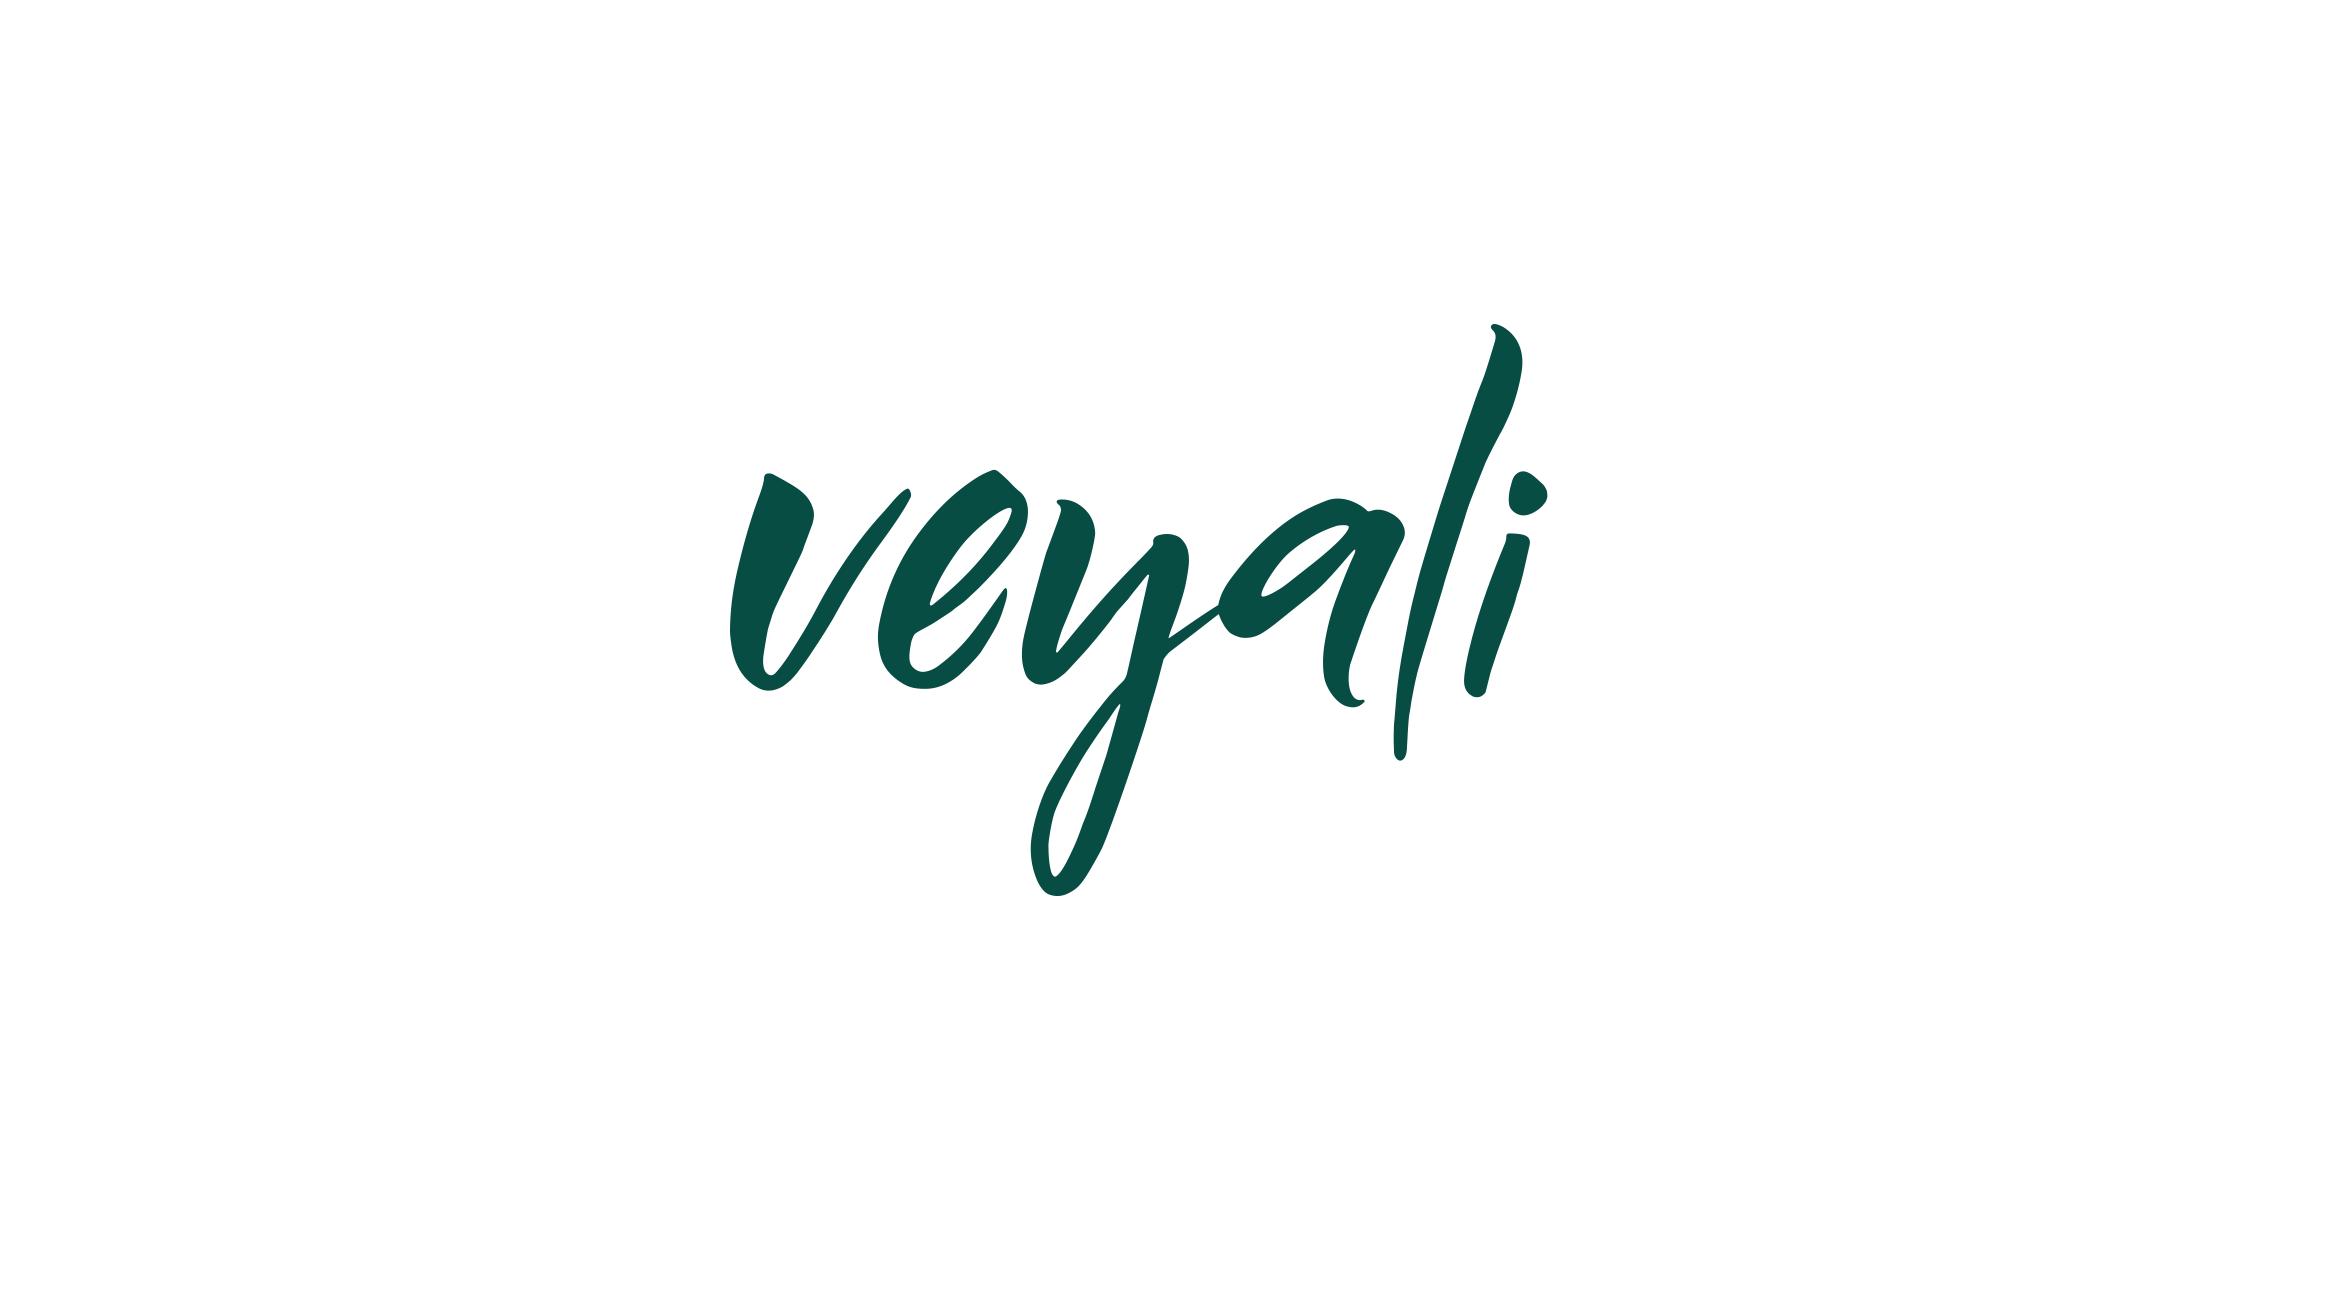 Kymera - Veyali